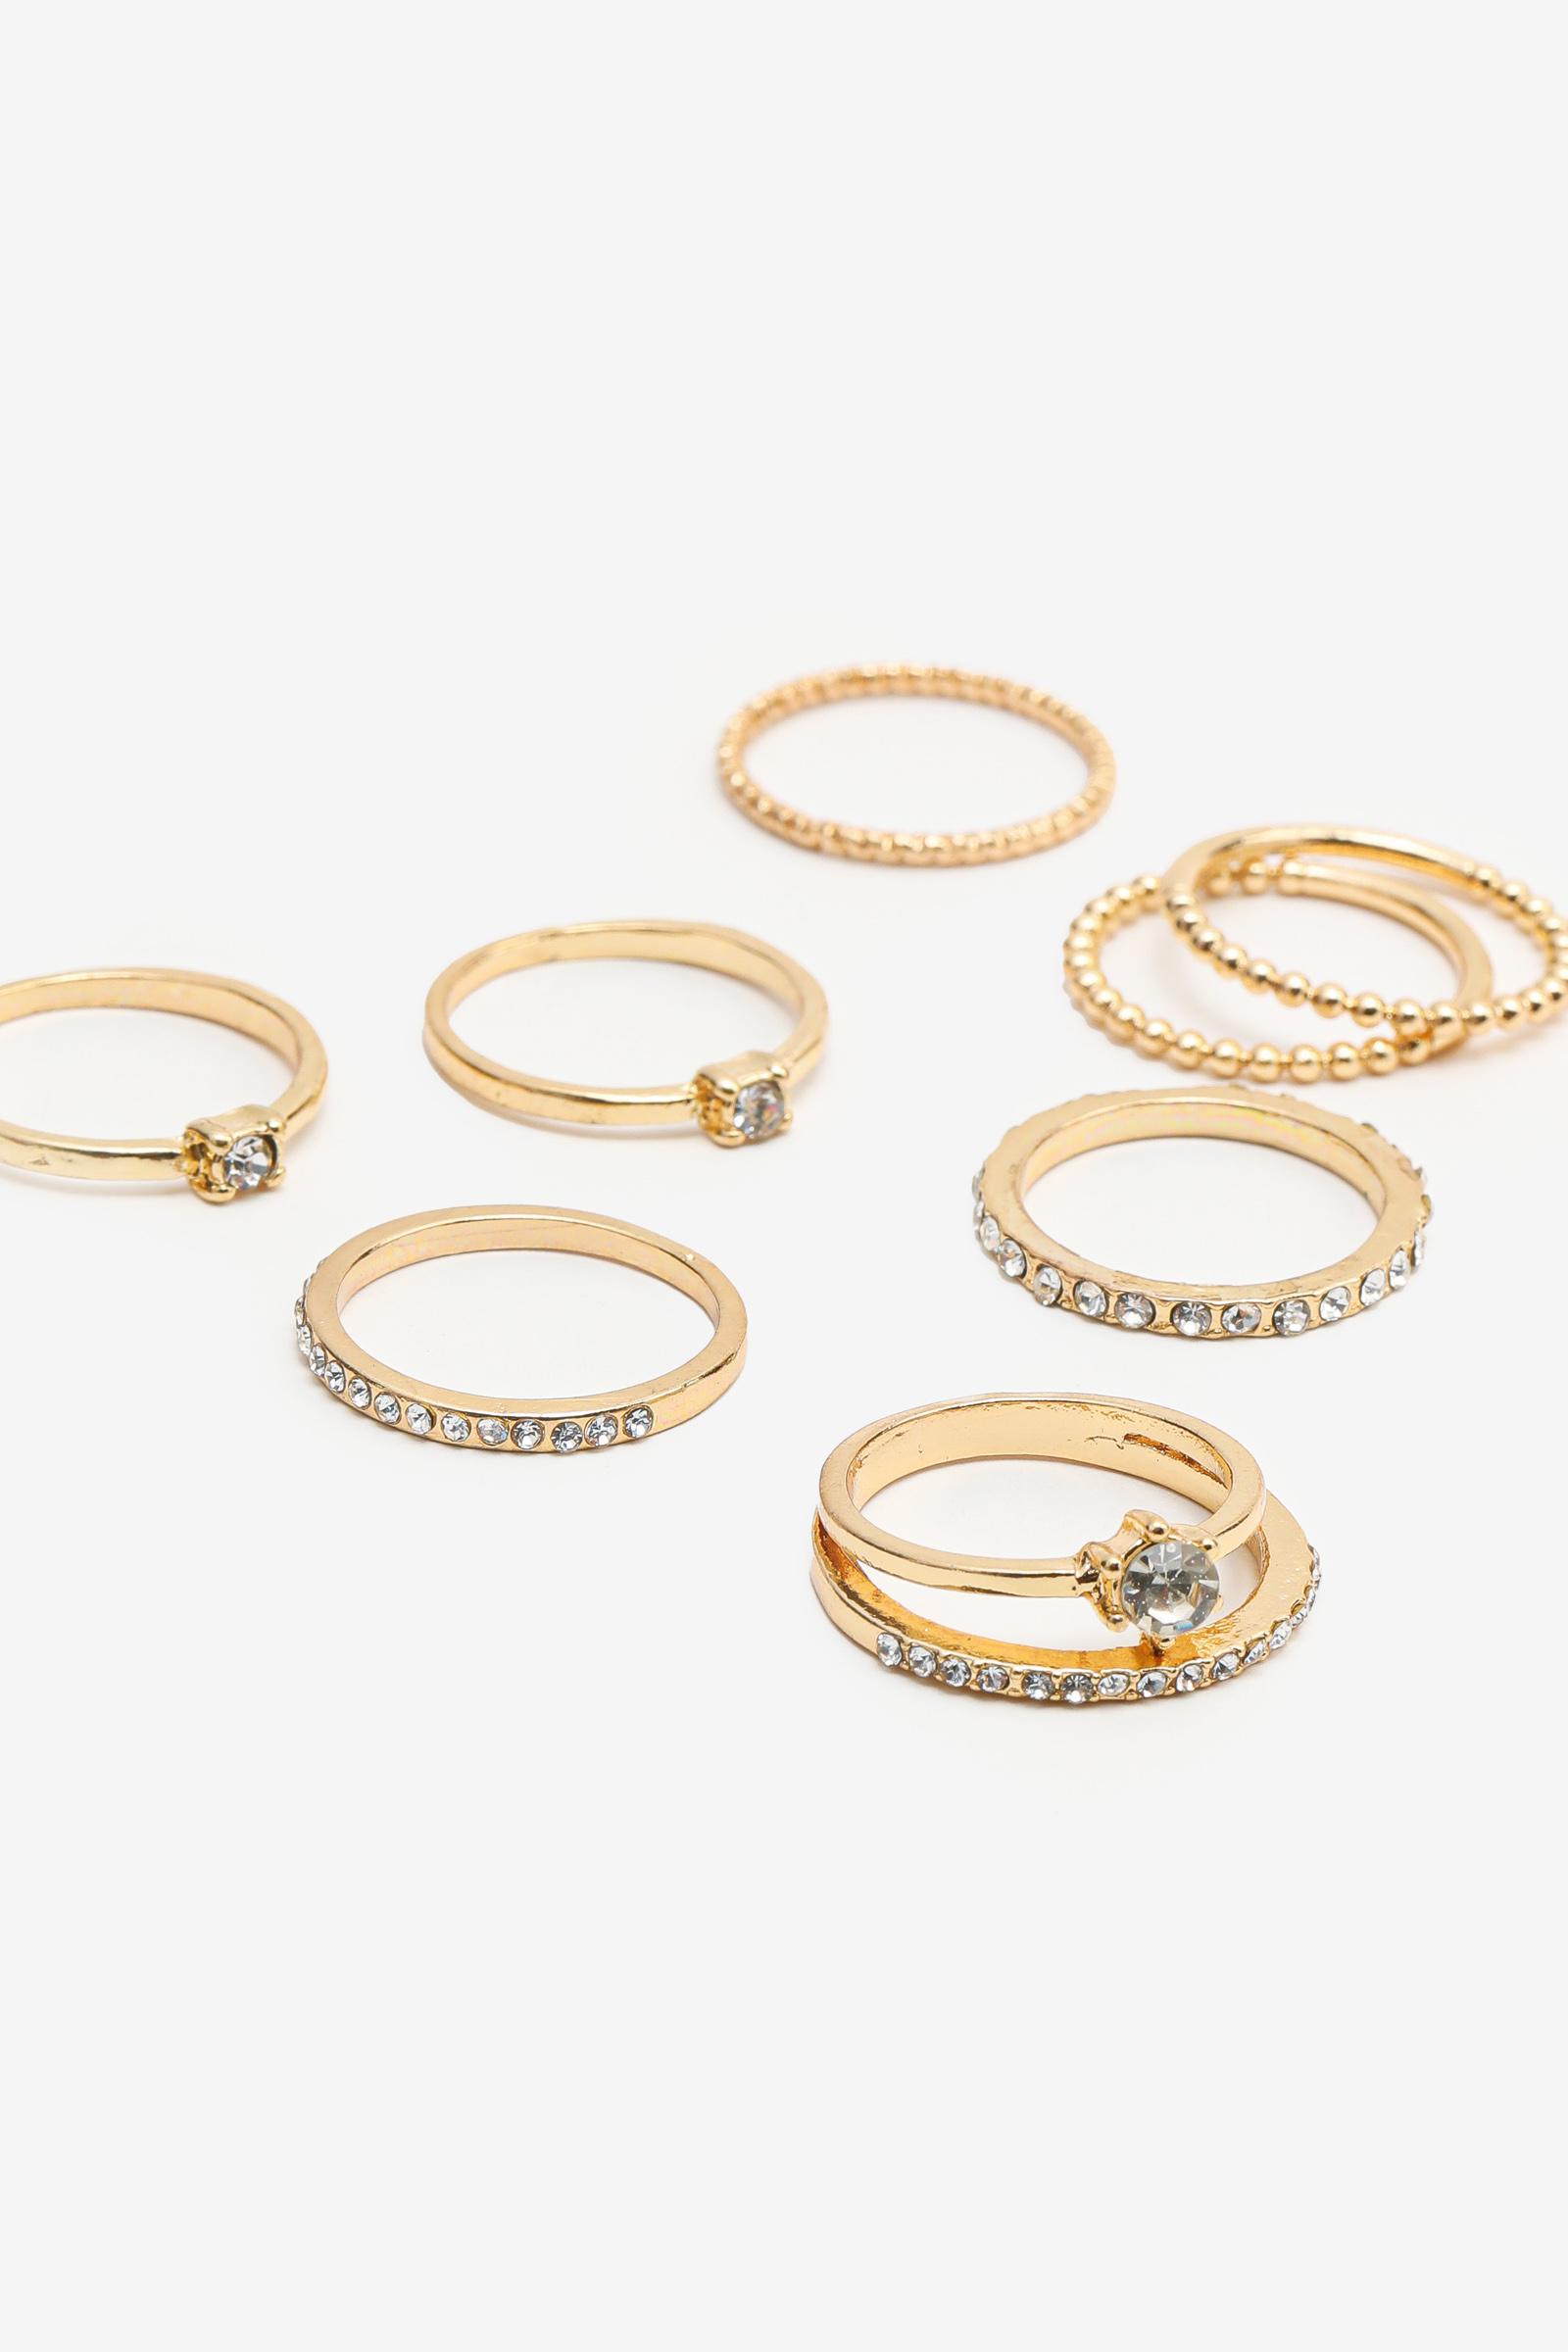 8-Pack Gemstone Rings